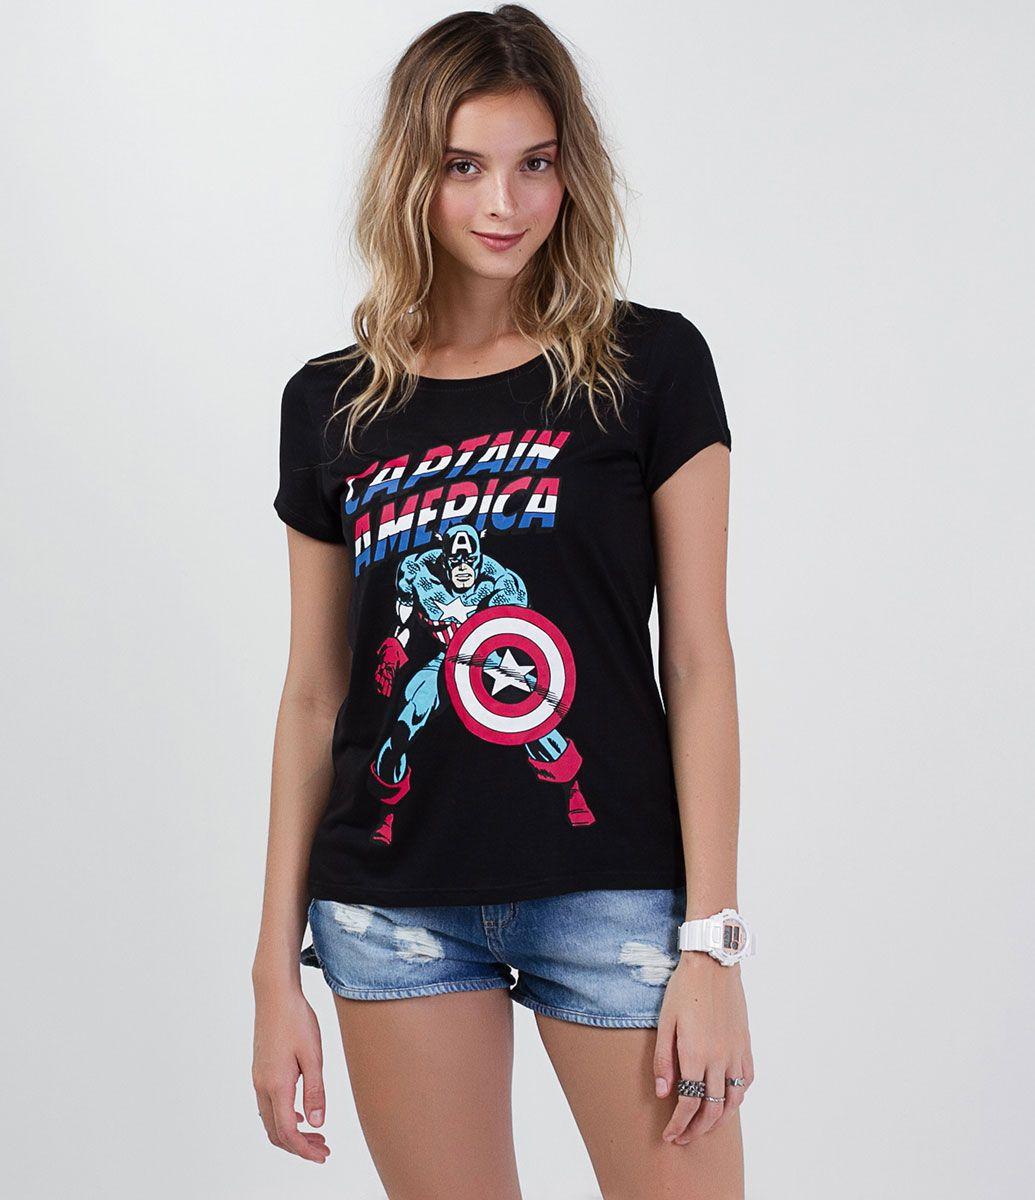 8e5b9bbe0f Blusa feminina Manga curta Gola redonda Com estampa do Capitão América  Marca  Avengers Tecido  viscose Composição  100% viscose Modelo veste  tamanho  P ...